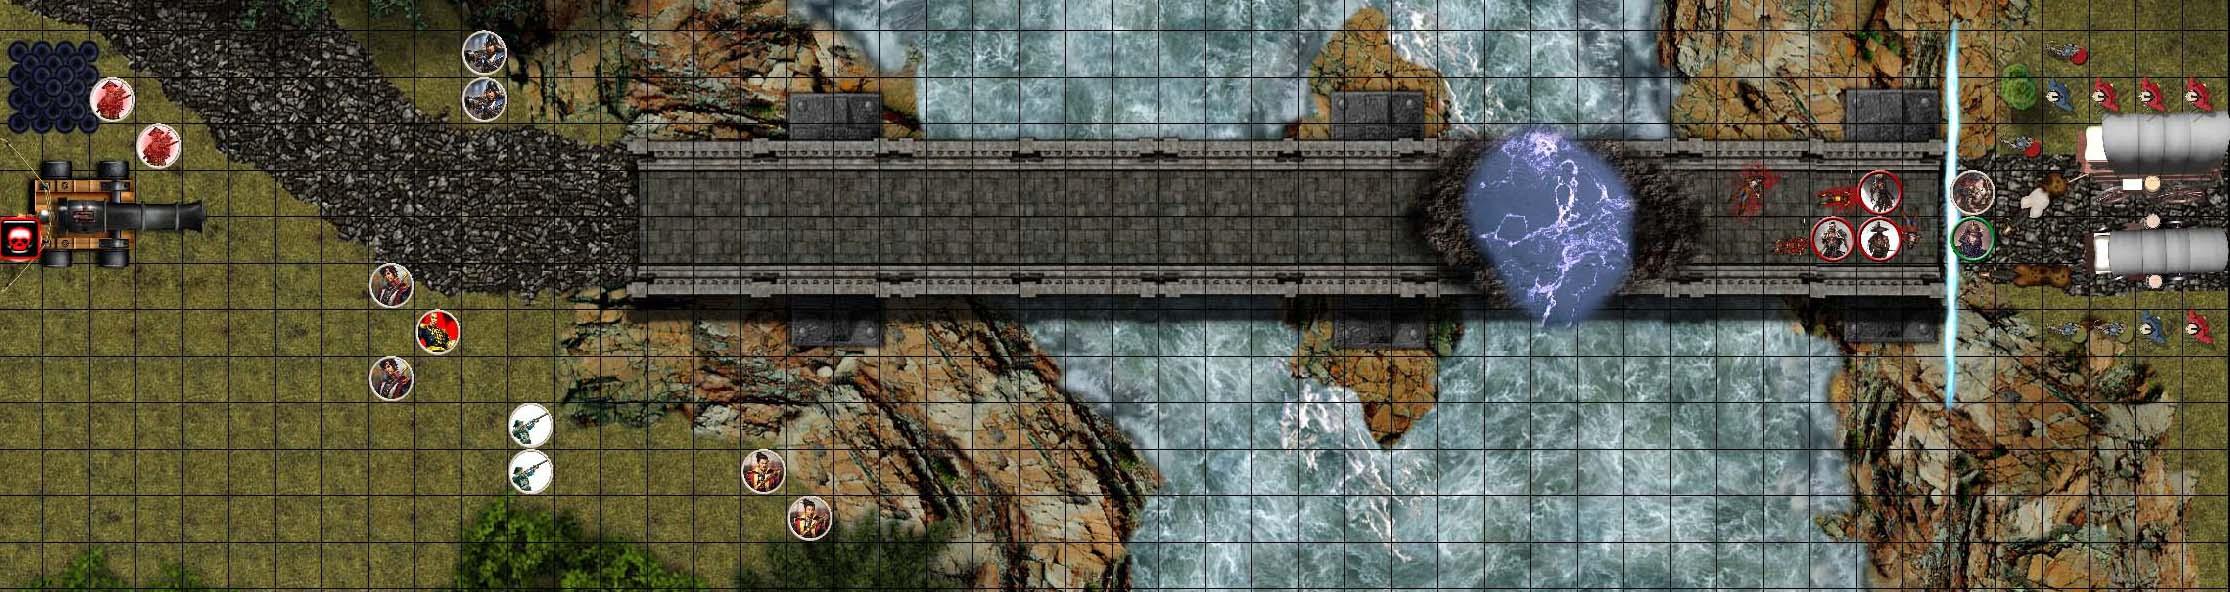 bridgebattle0.jpg